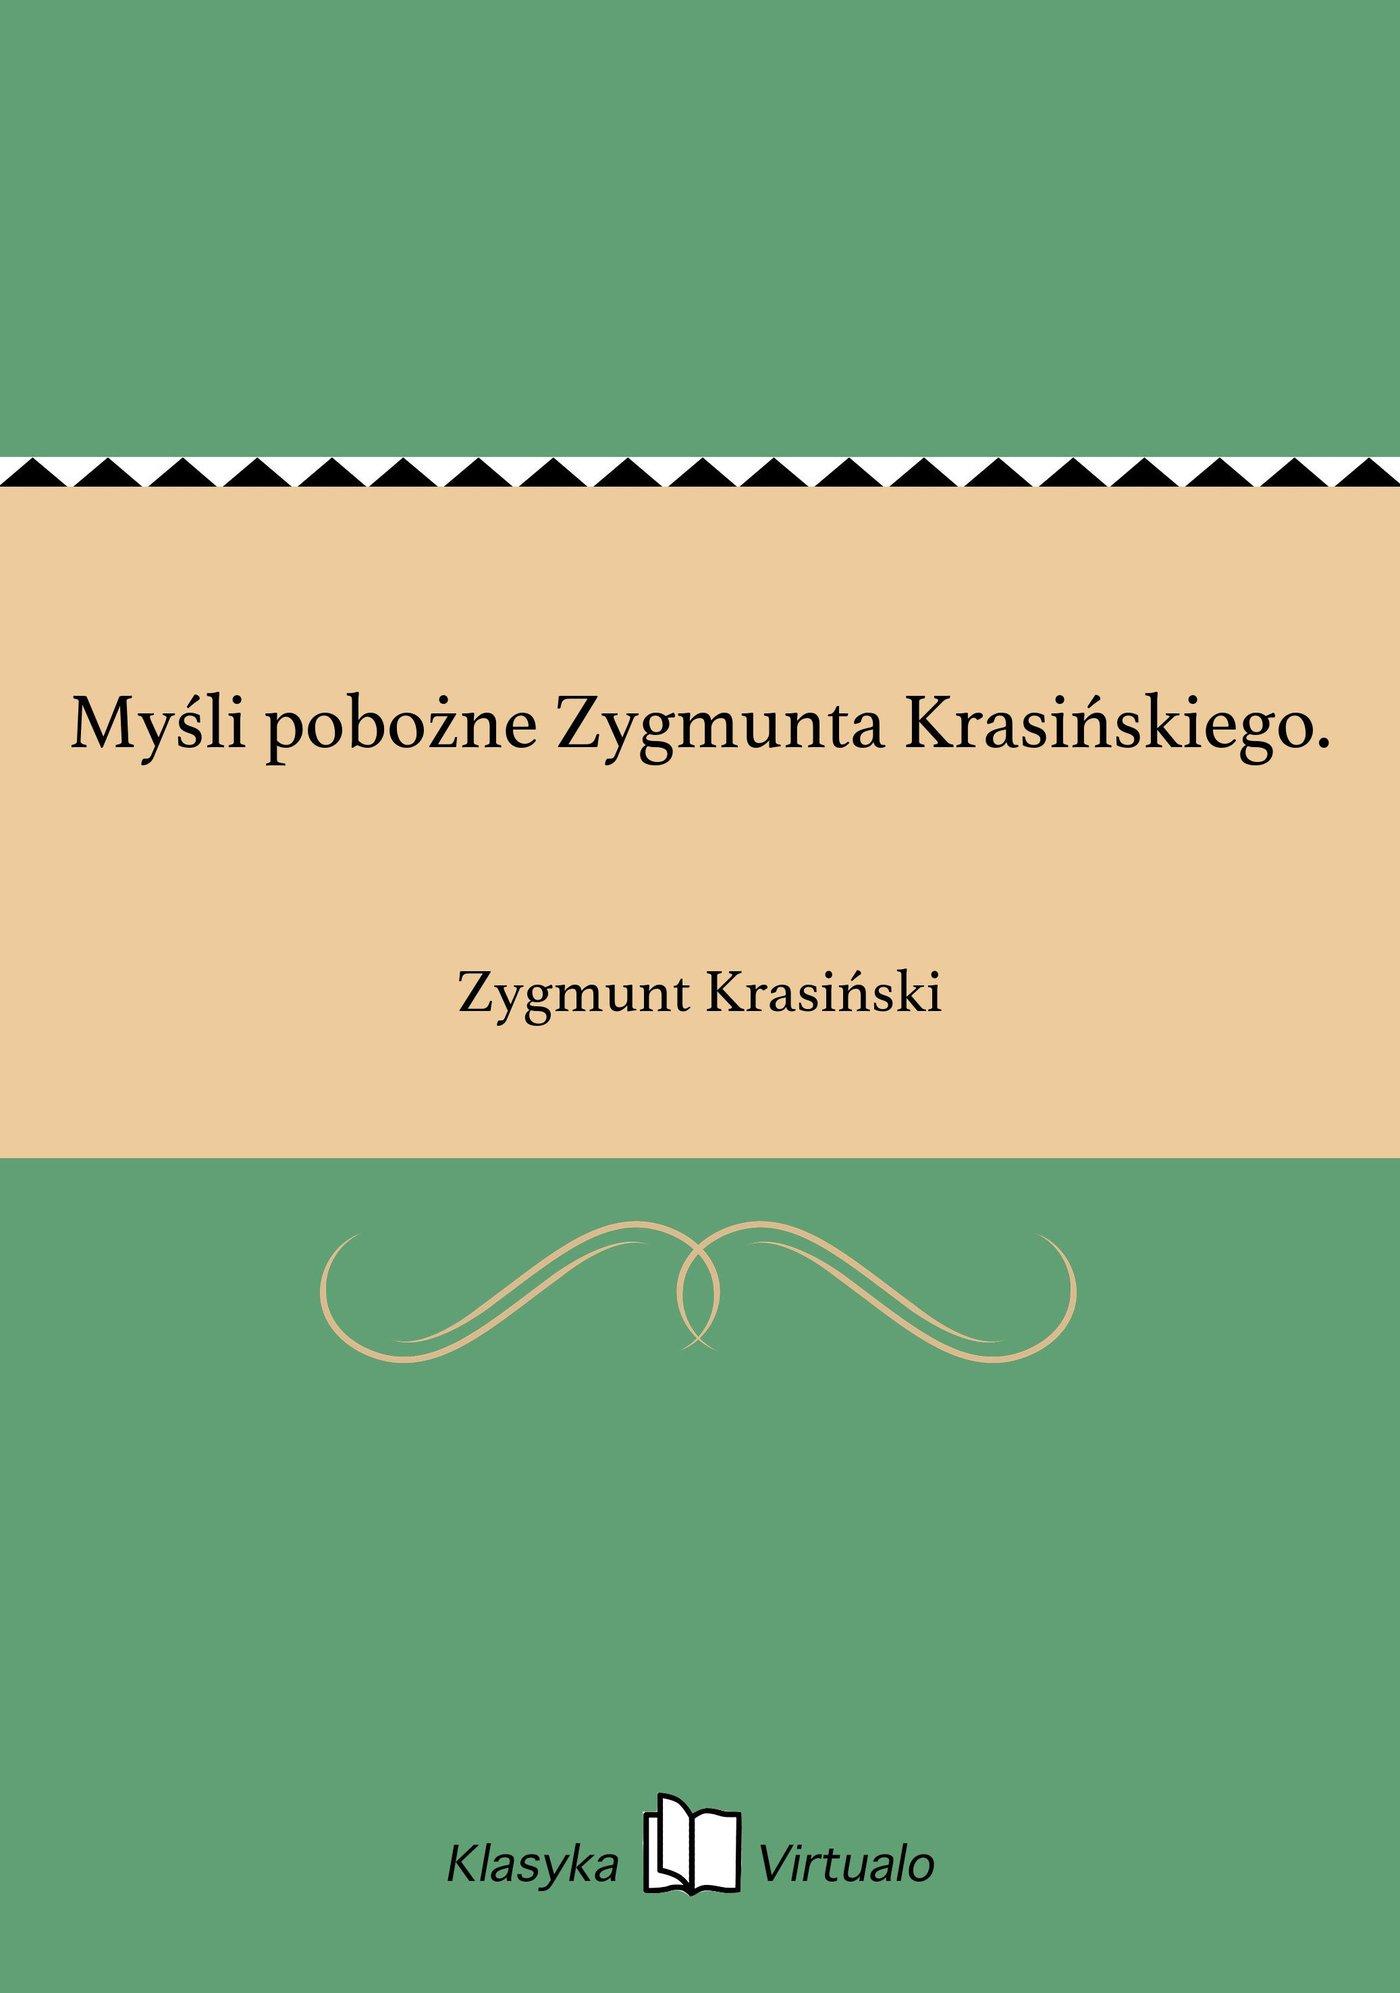 Myśli pobożne Zygmunta Krasińskiego. - Ebook (Książka EPUB) do pobrania w formacie EPUB